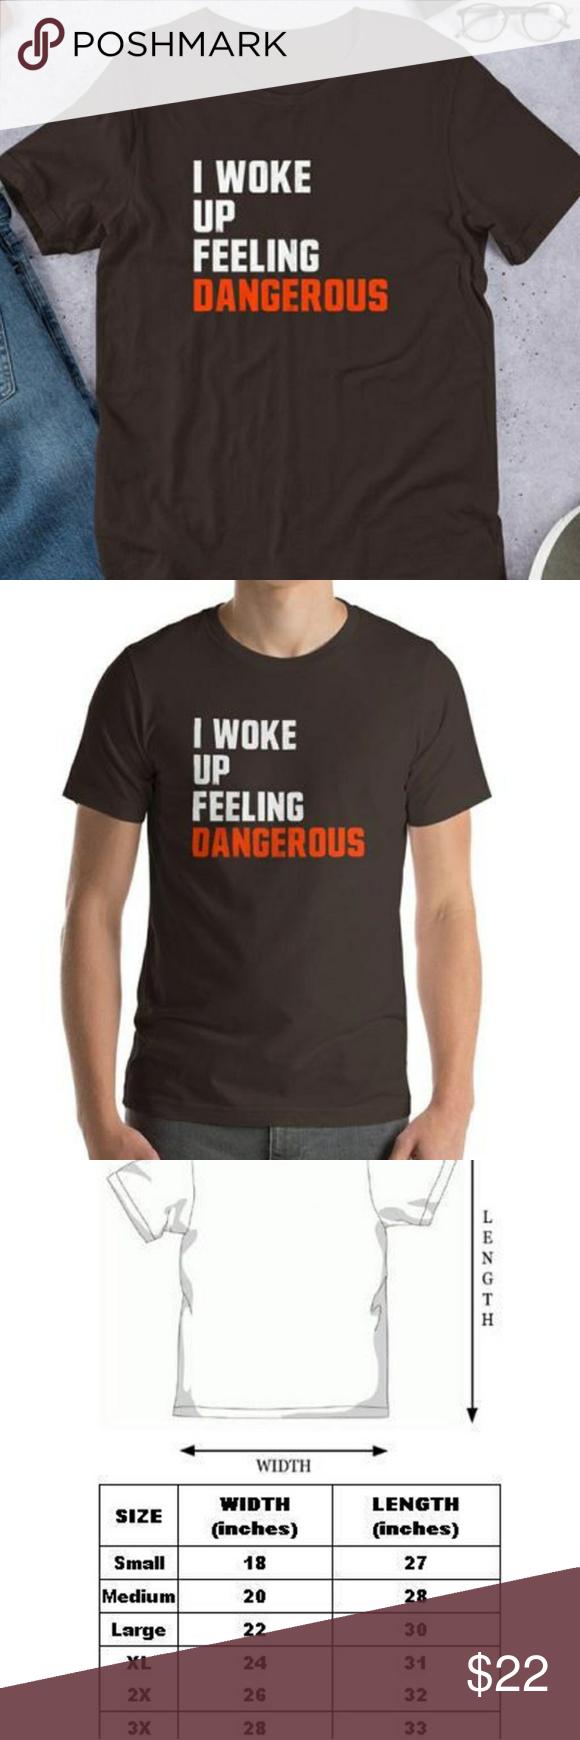 I woke up feeling dangerous Baker Mayfield Tshirt Feeling